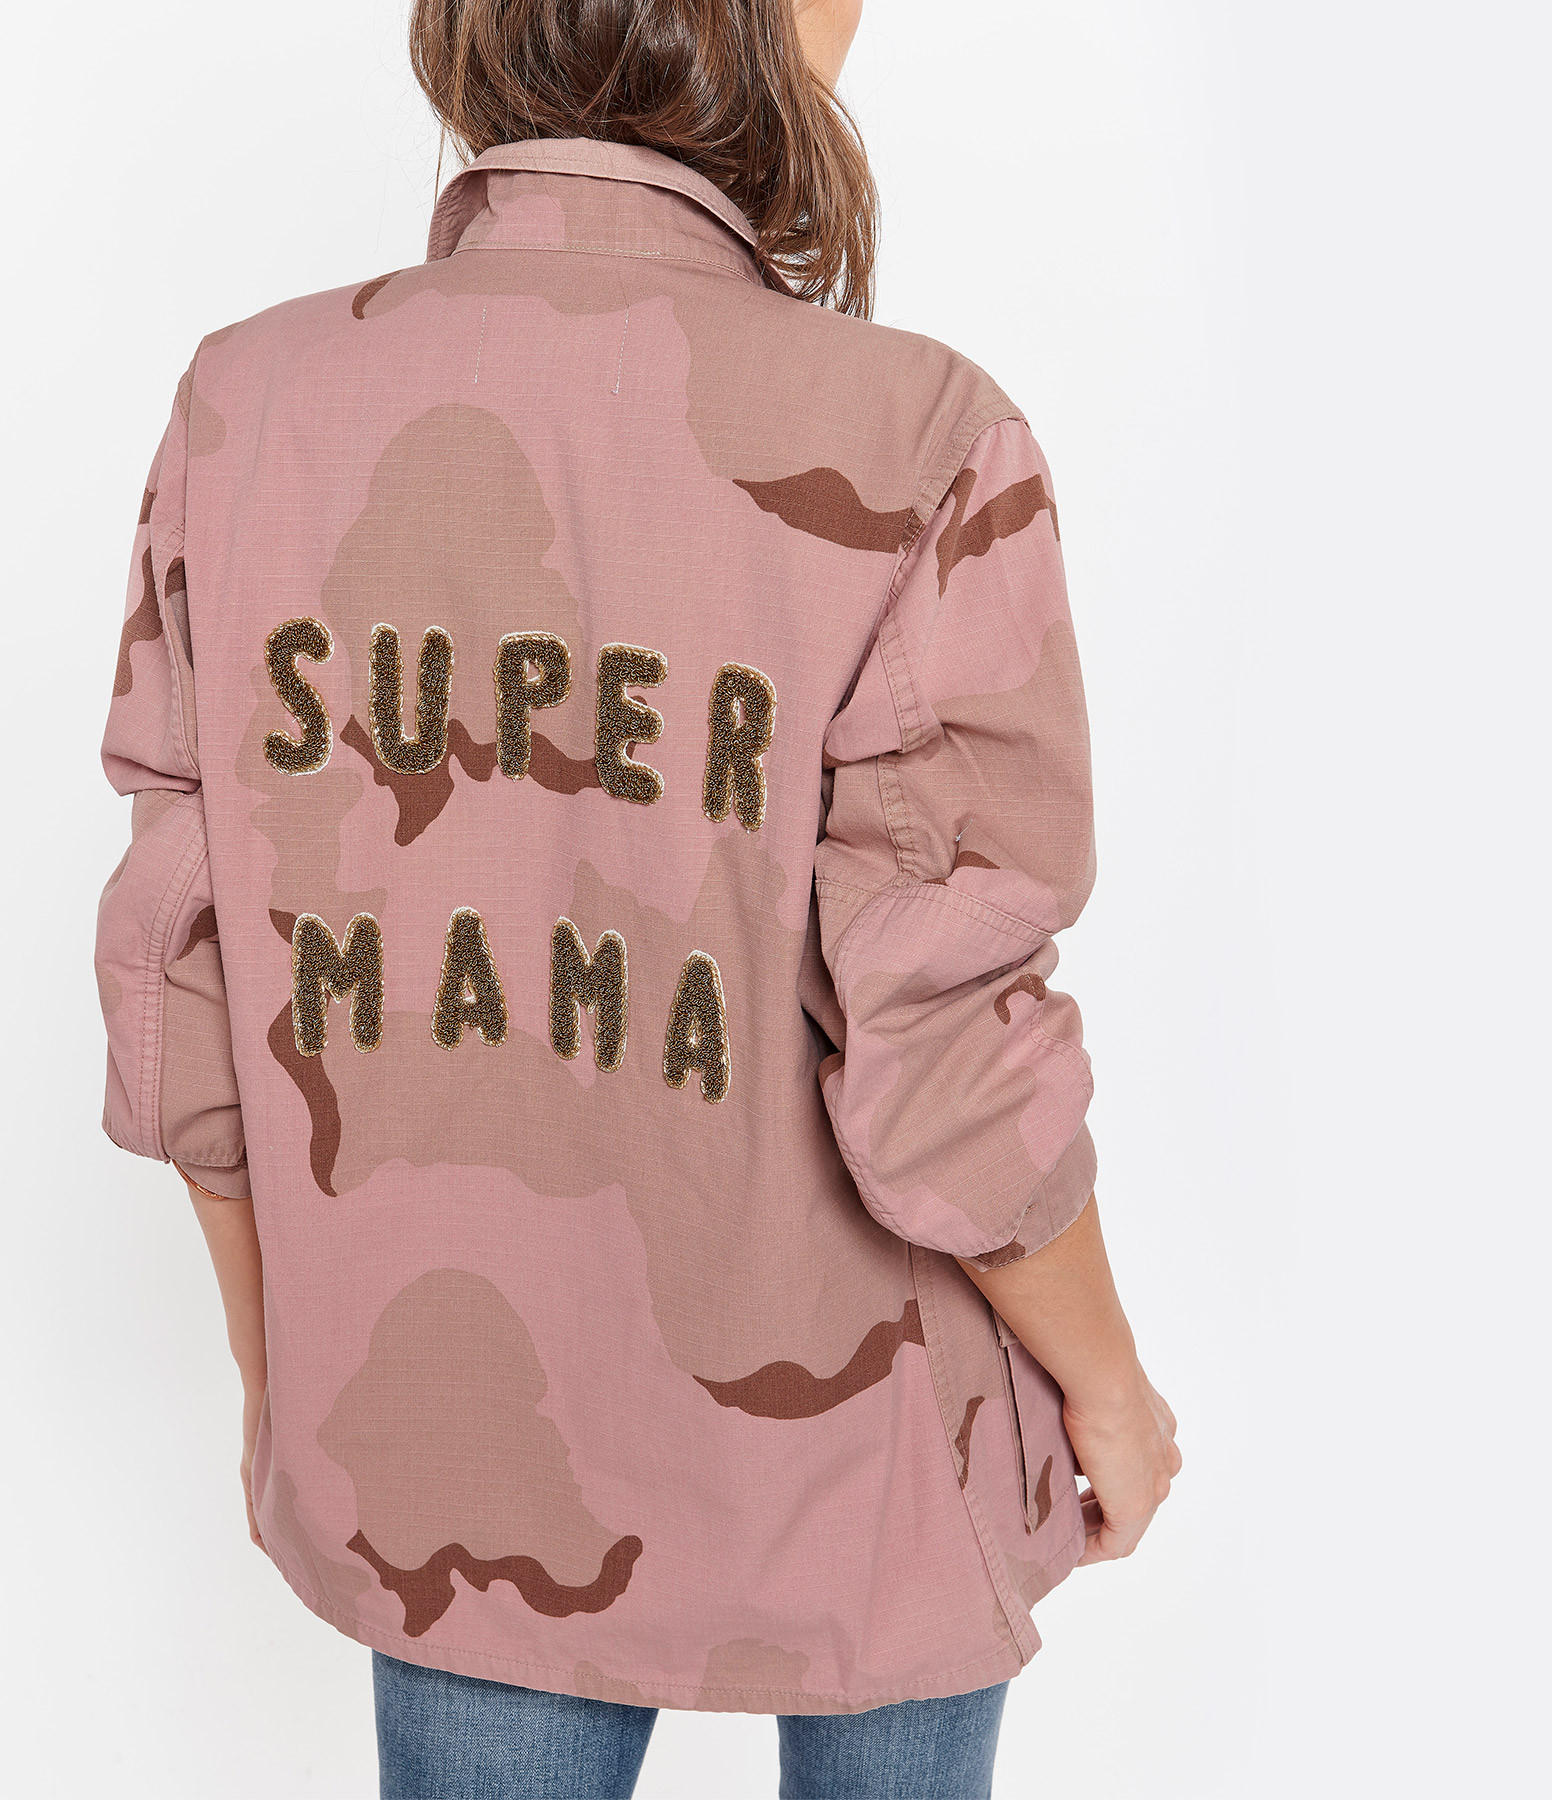 FORTE DEI MARMI COUTURE - Veste Super Mama Multicolore